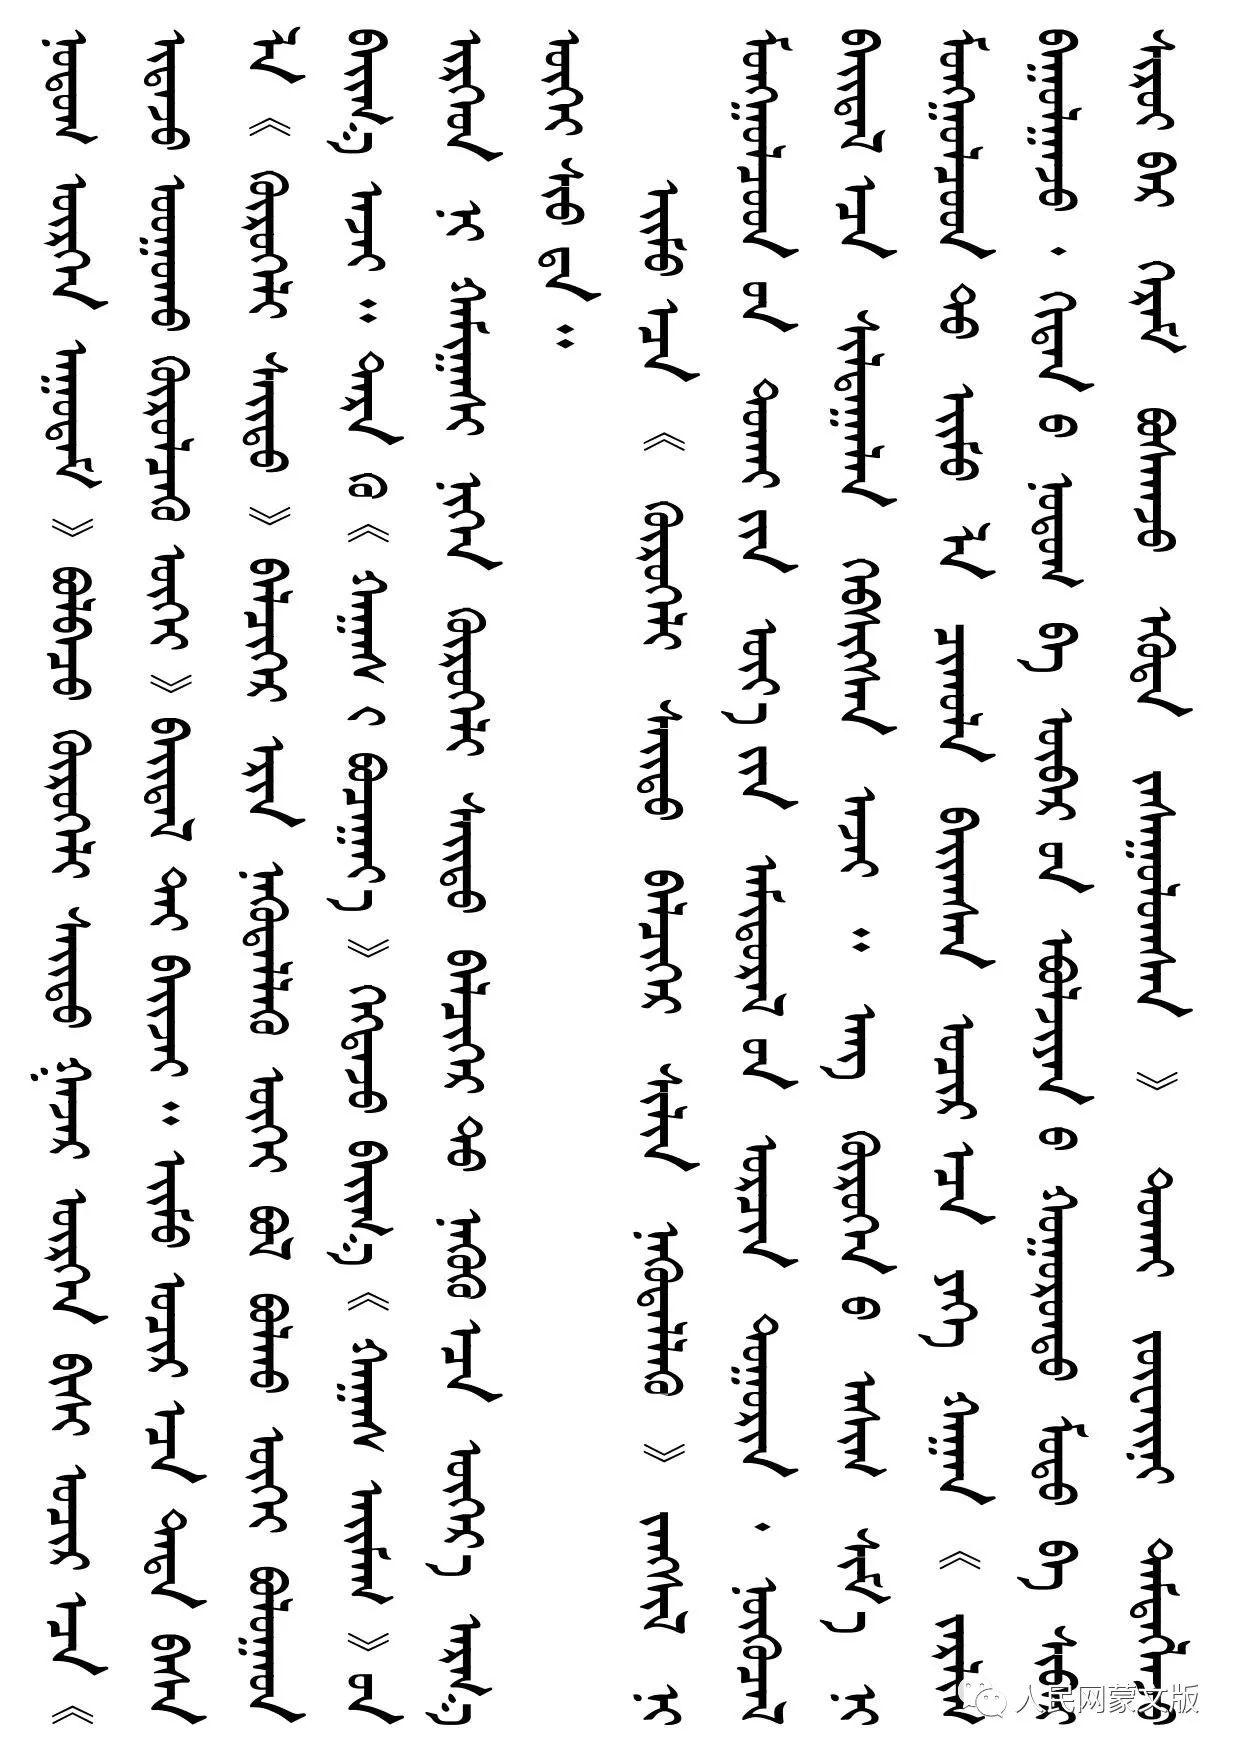 蒙古民俗探源|蒙古族狩猎习俗 第18张 蒙古民俗探源|蒙古族狩猎习俗 蒙古文库